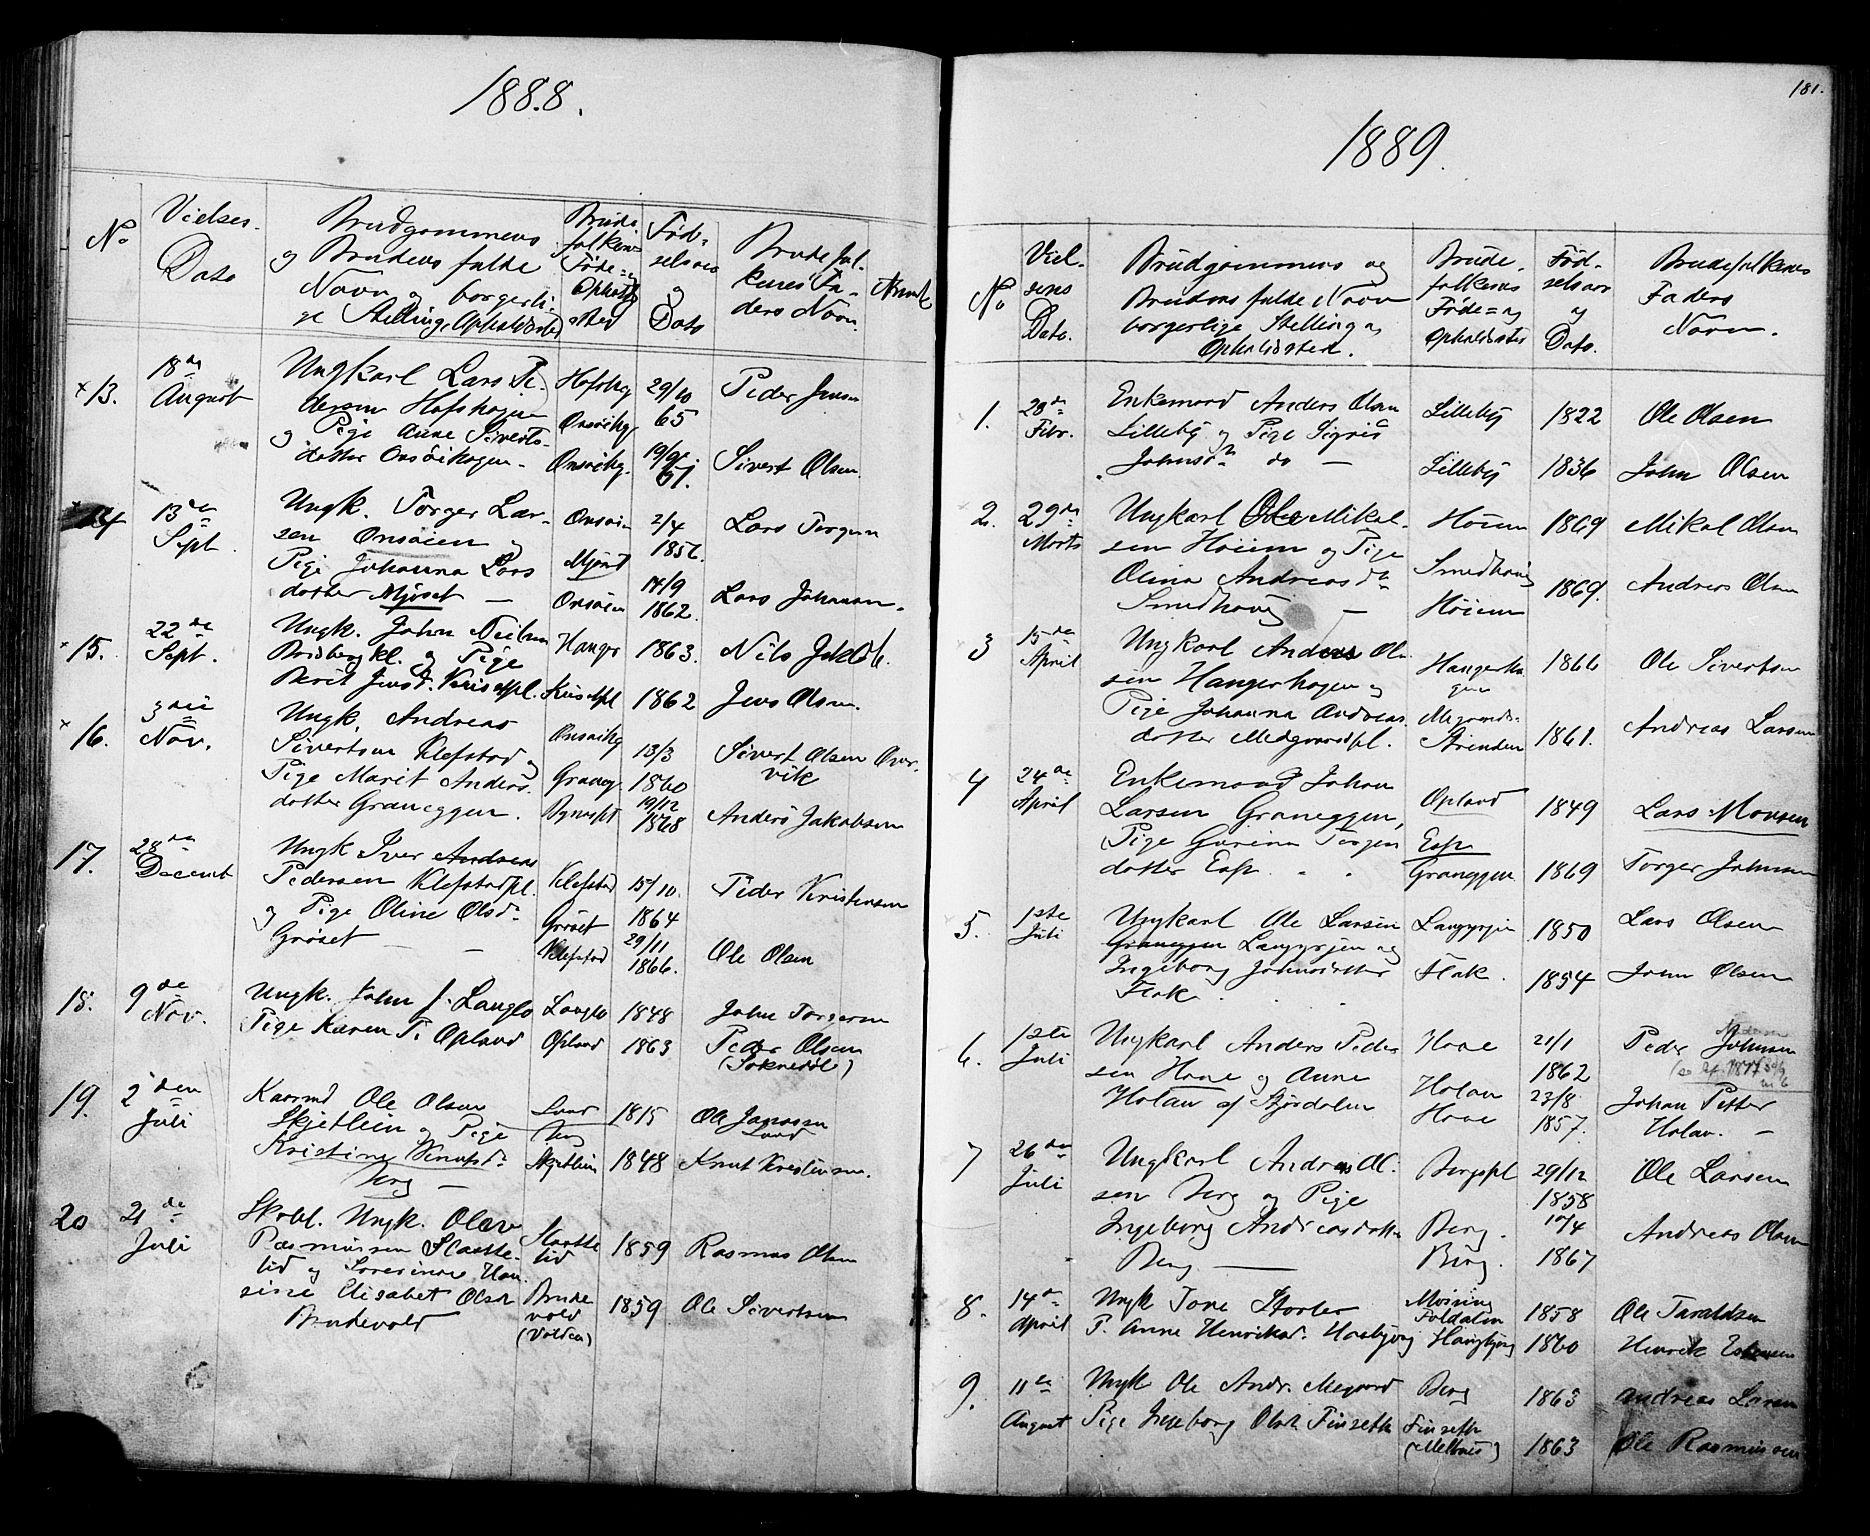 SAT, Ministerialprotokoller, klokkerbøker og fødselsregistre - Sør-Trøndelag, 612/L0387: Klokkerbok nr. 612C03, 1874-1908, s. 181